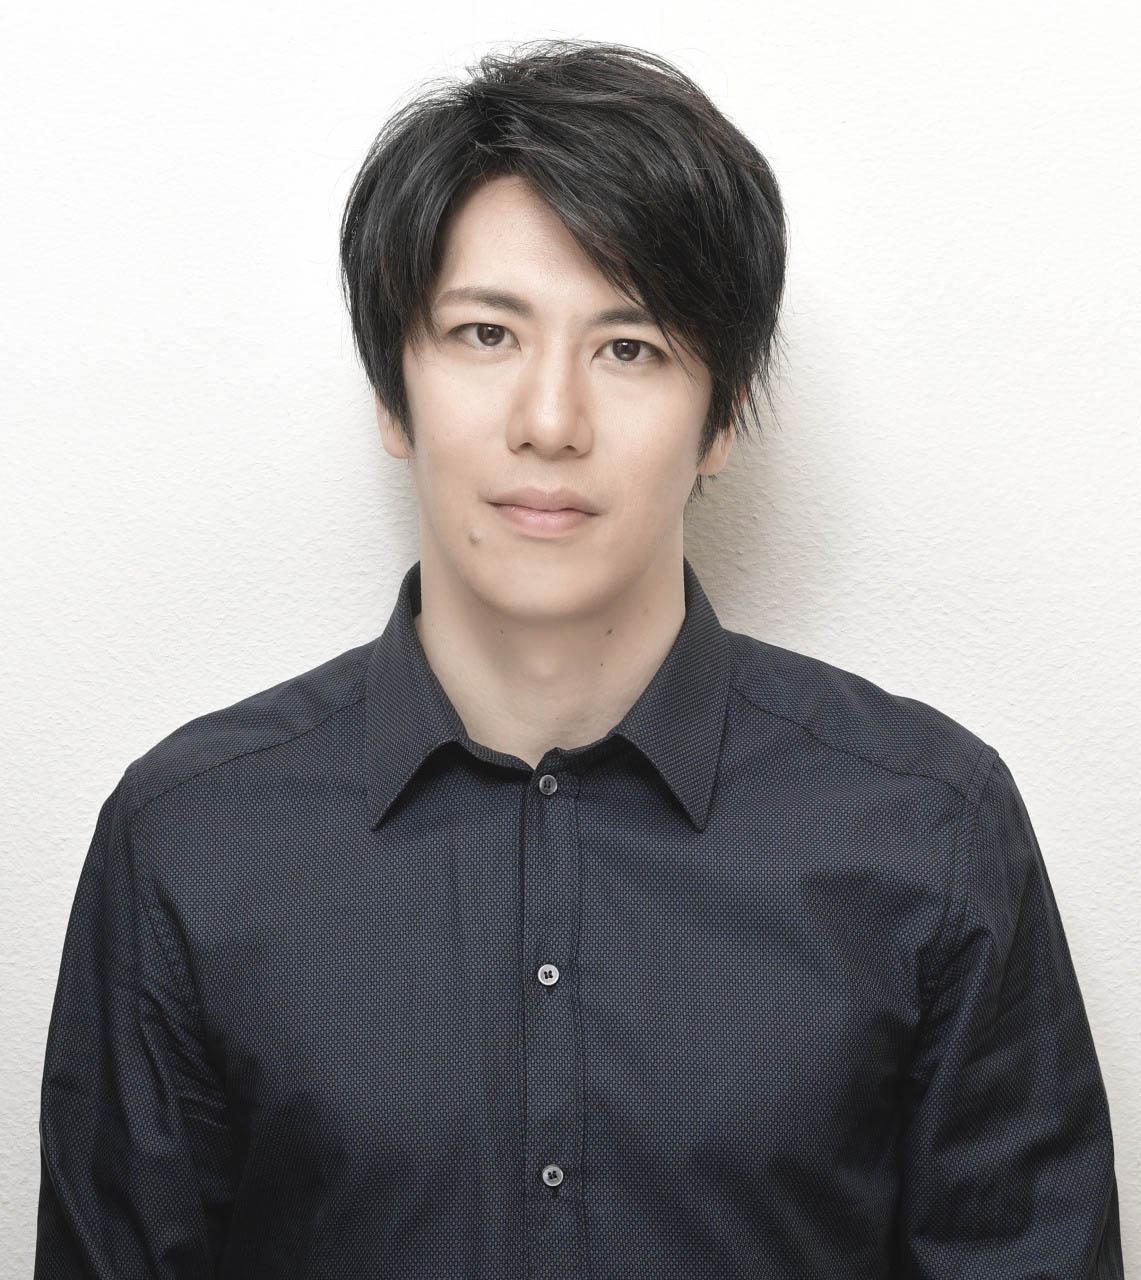 原田優一・鯨井康介ら『PAT Company』次回公演、2021年8月に上演決定 イメージ画像